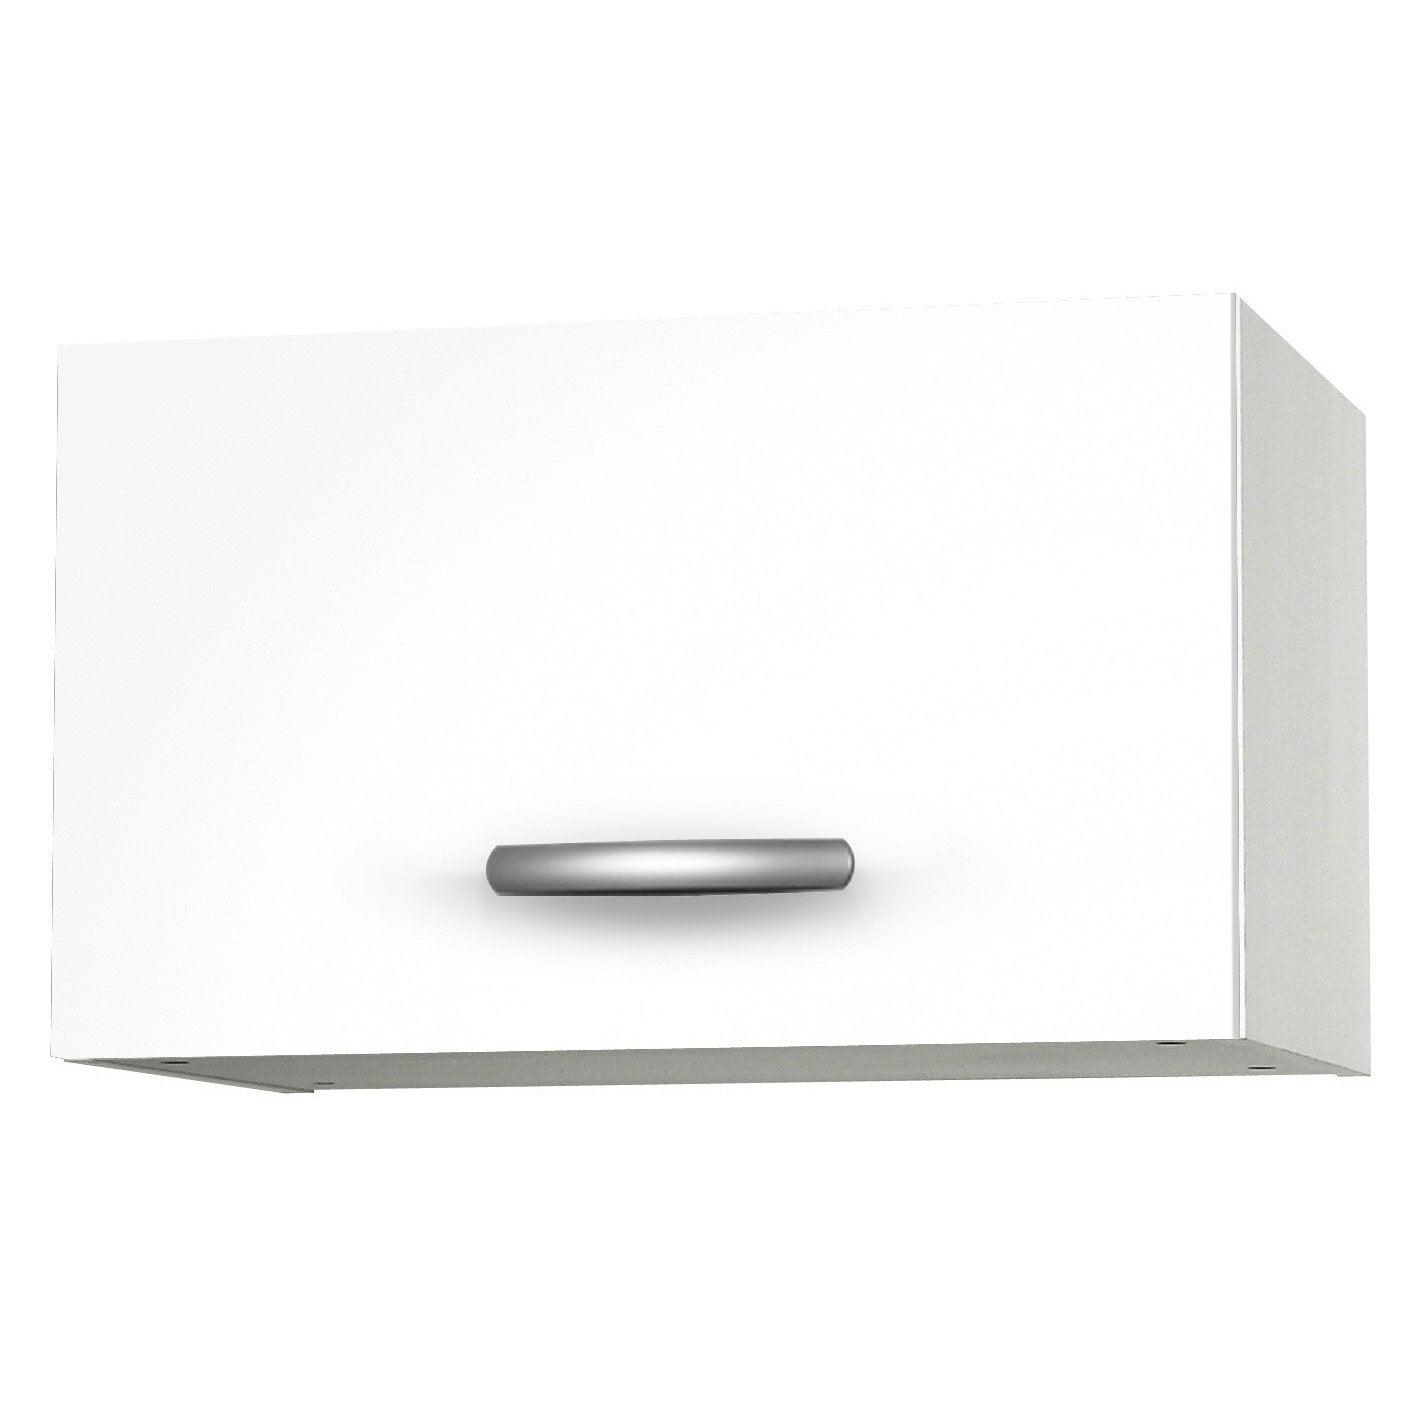 meuble de cuisine haut 1 porte, blanc, h35.2x l60x p35.2cm | leroy